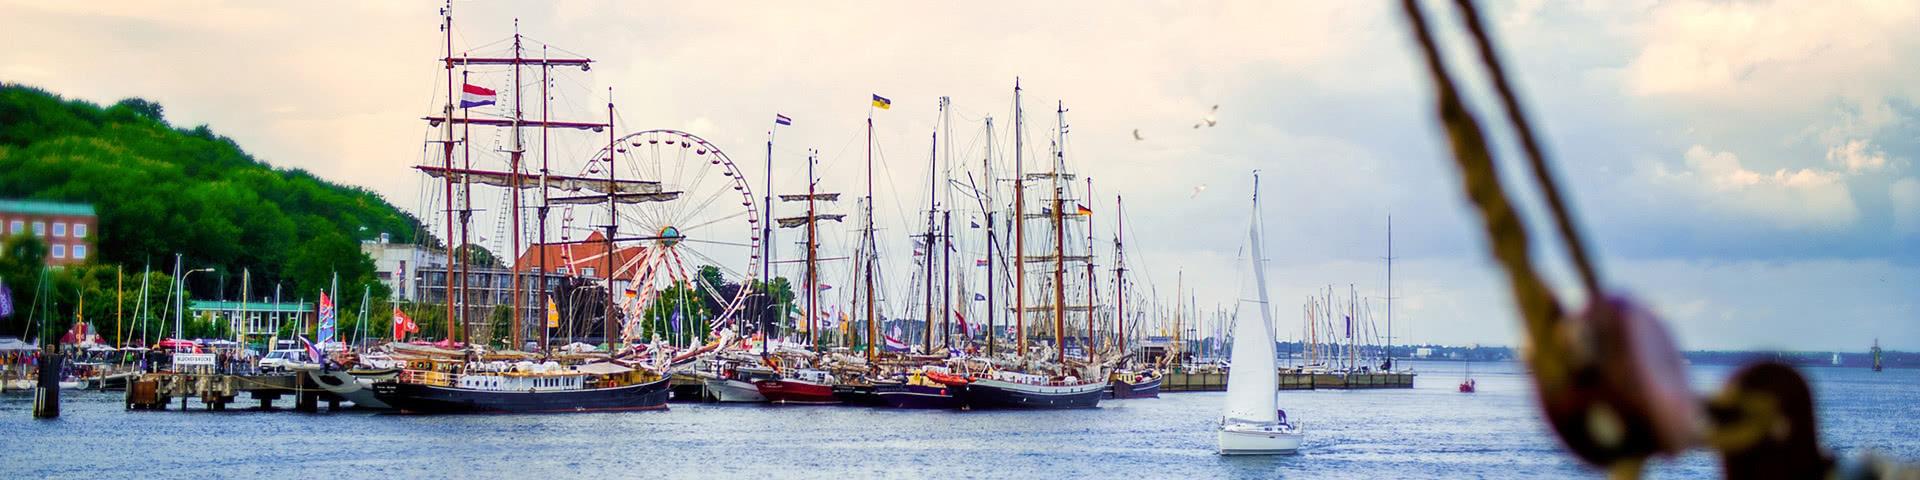 Panoramablick auf den Kieler Hafen während der Kieler Woche